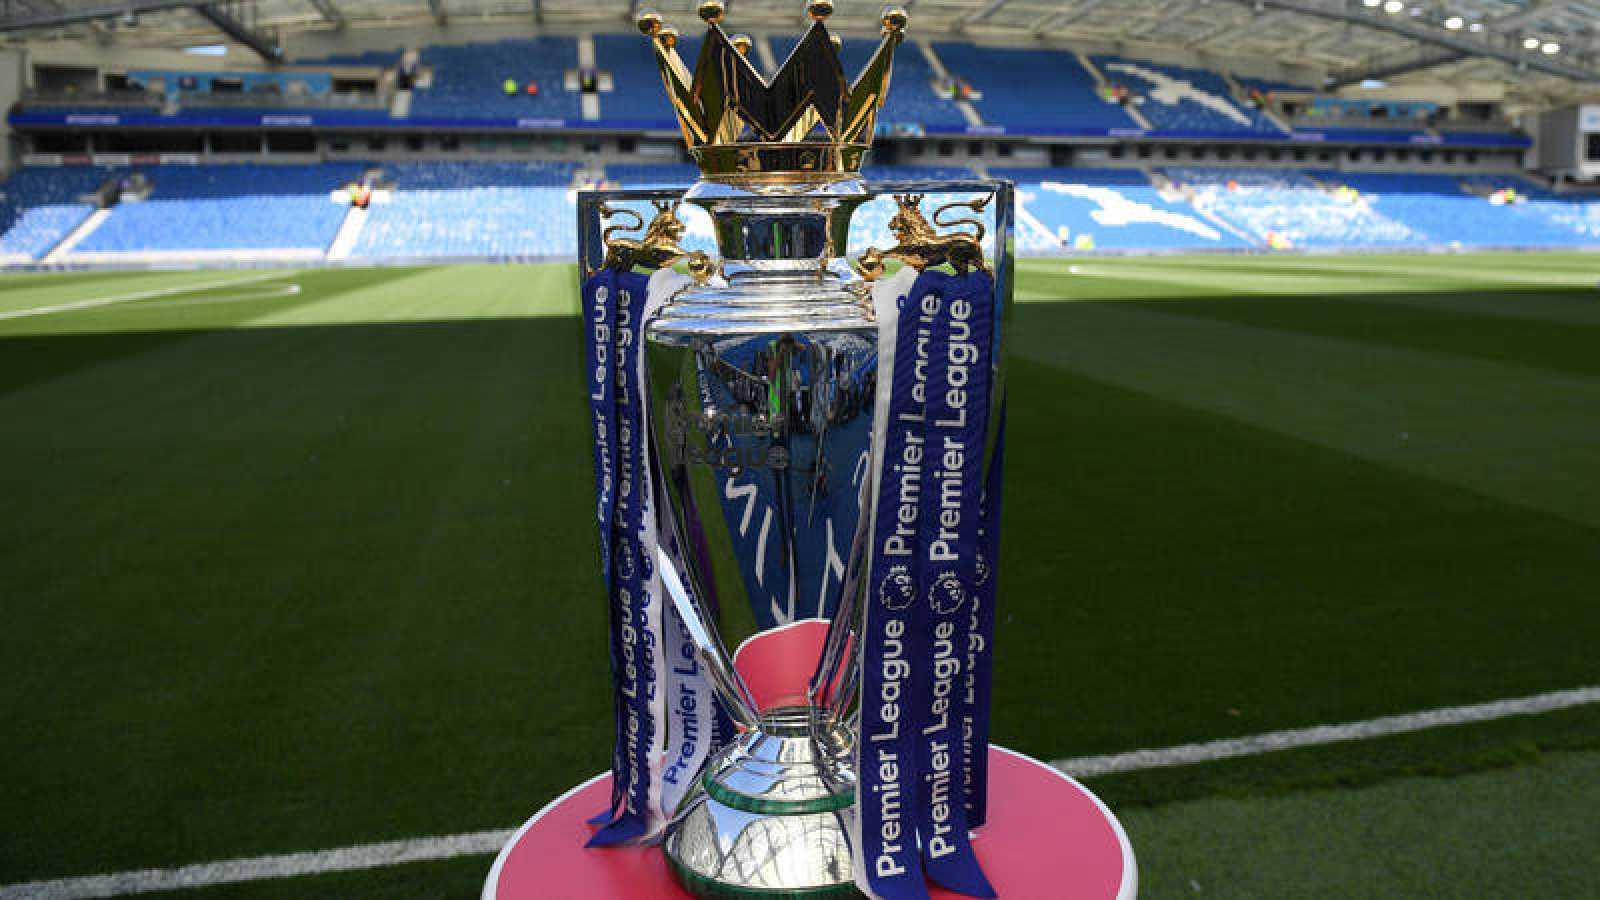 El trofeo de la Premier League sobre una peana en un campo